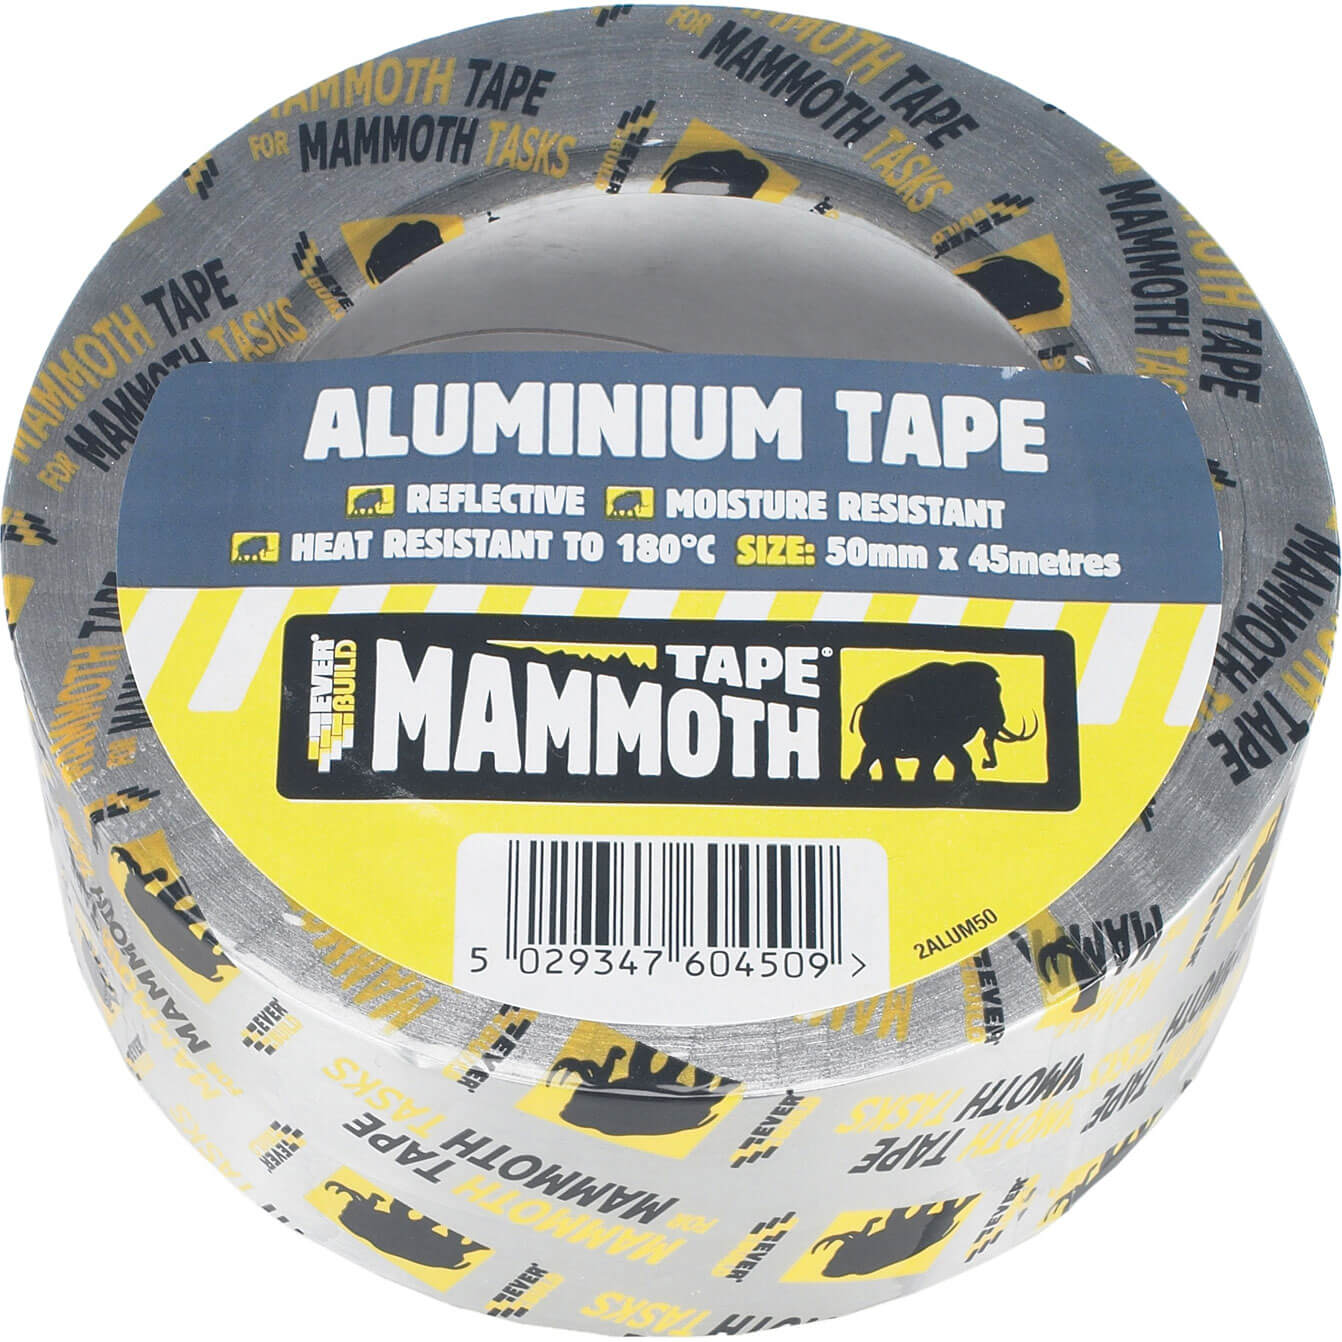 Image of Everbuild Mammoth Aluminium Tape 100mm 45m